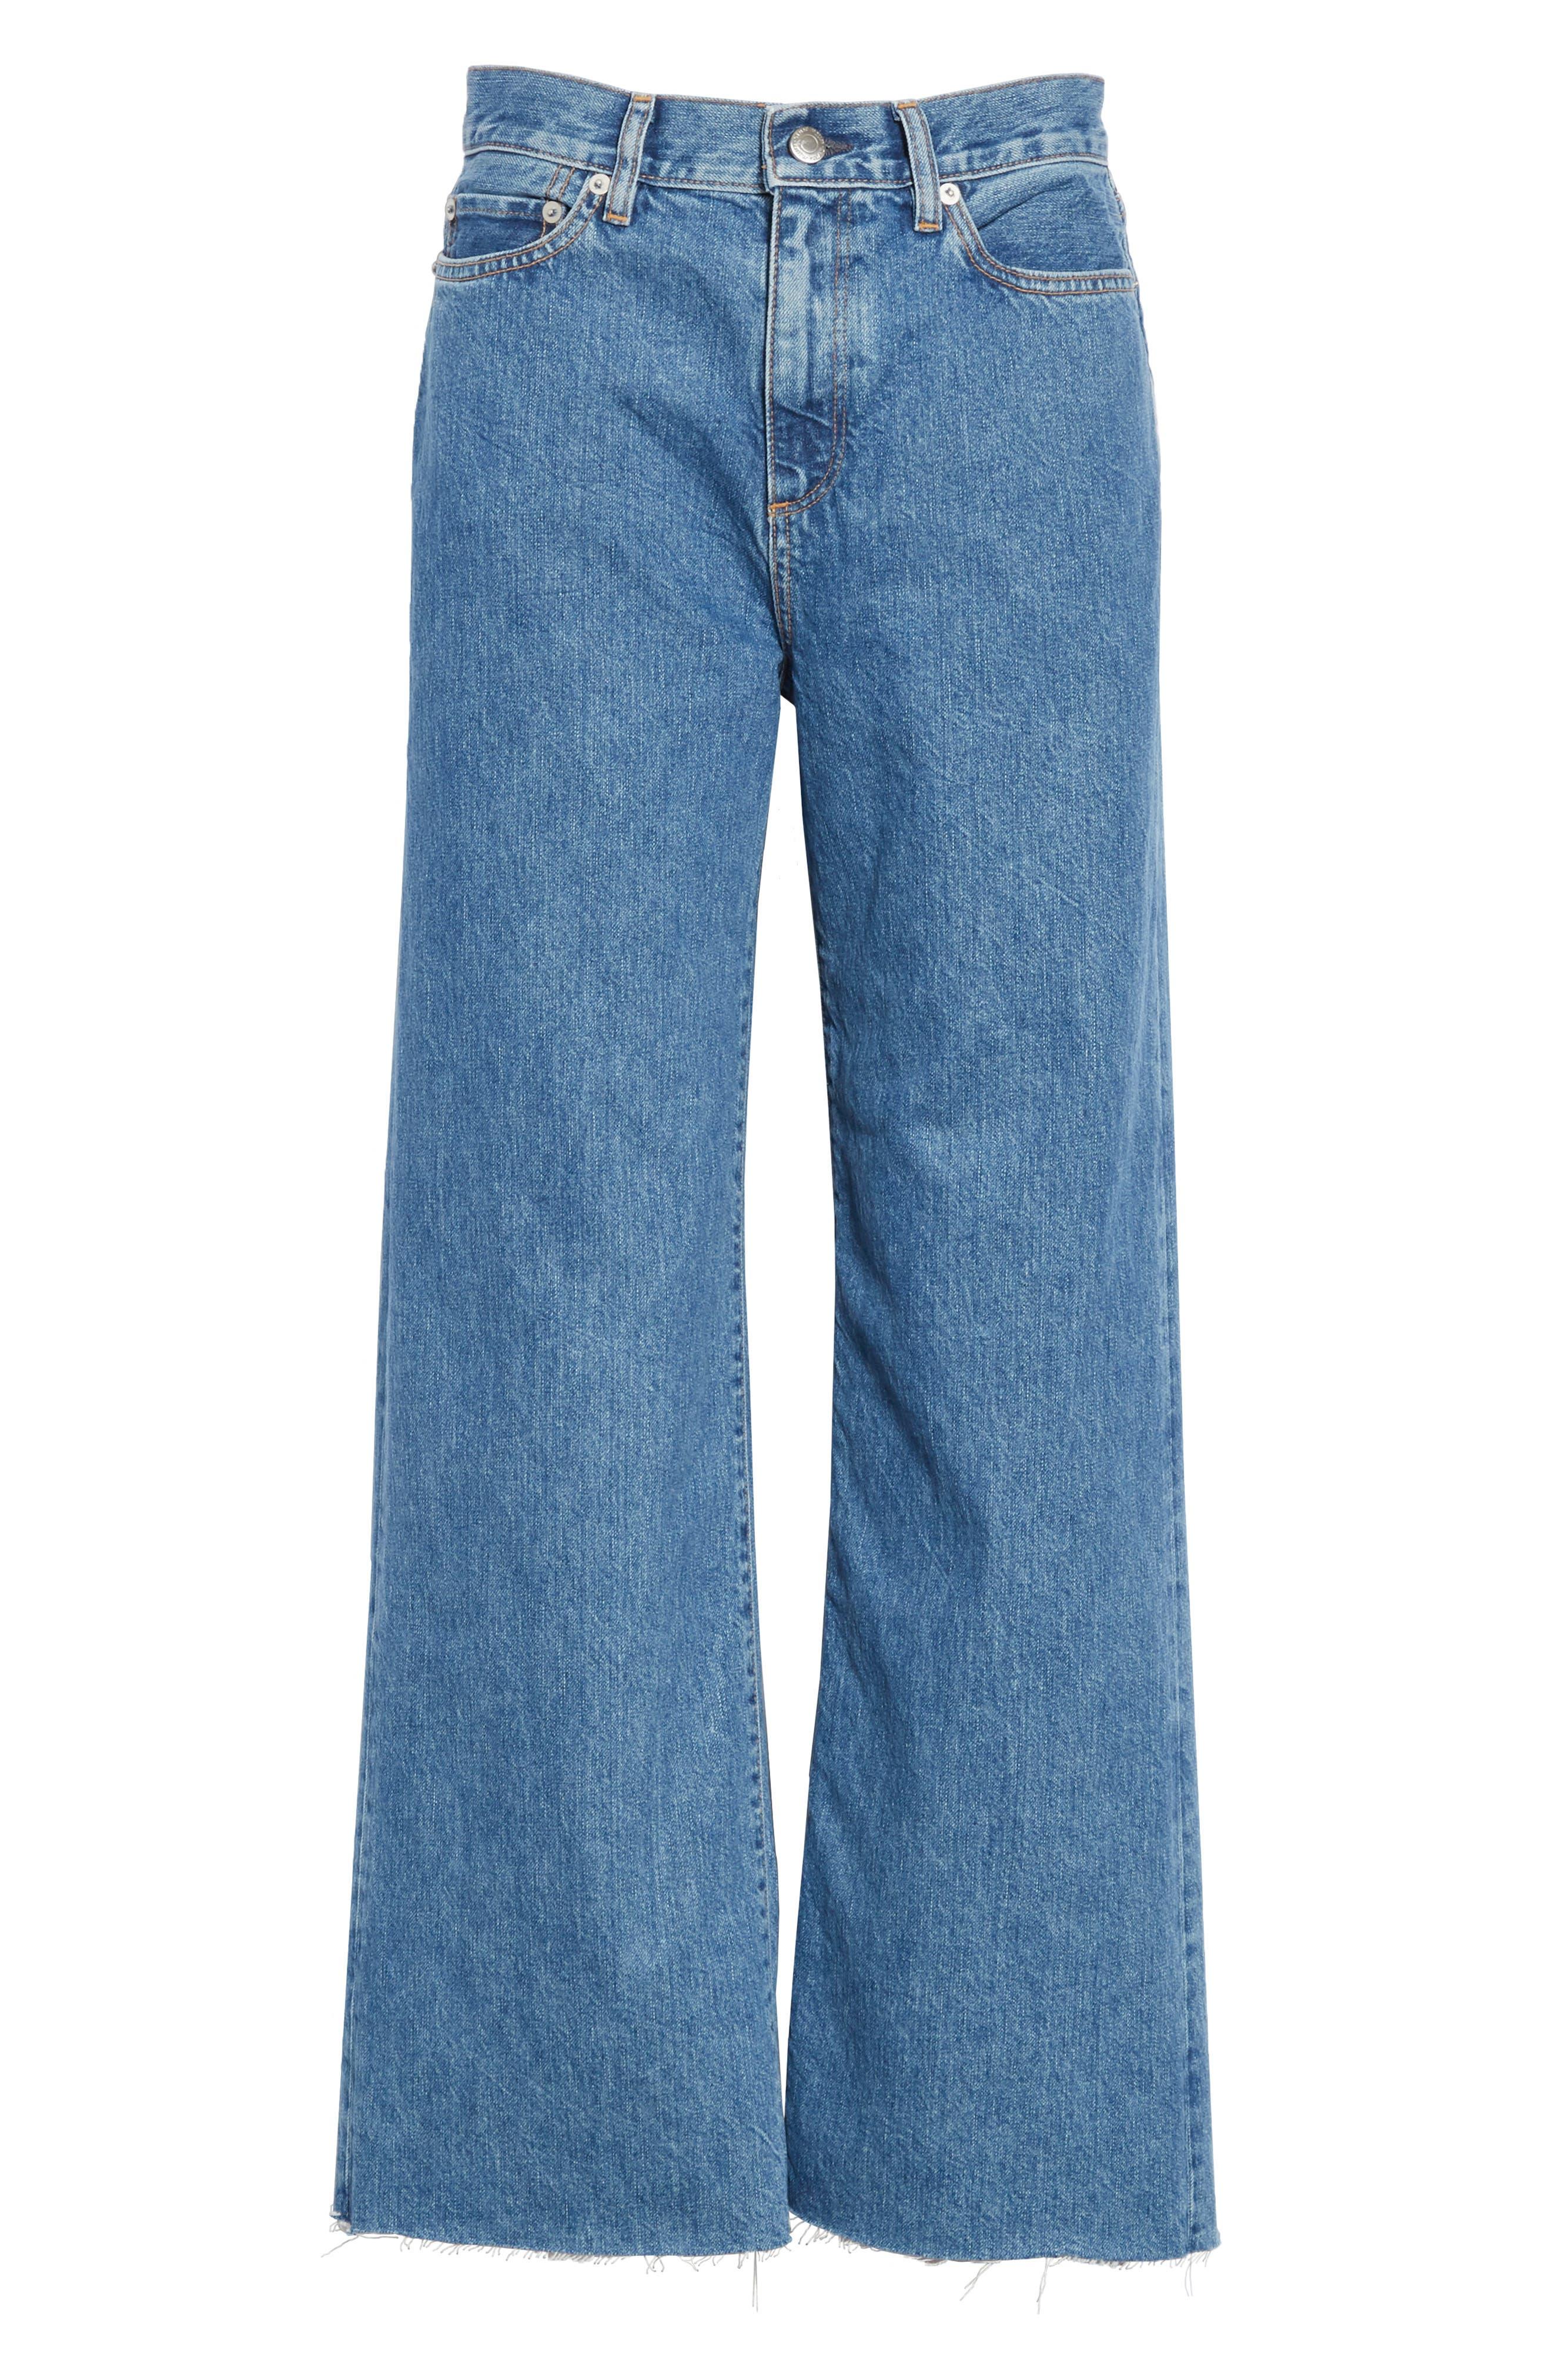 Crop Frayed Wide Leg Jeans,                             Alternate thumbnail 6, color,                             VINTAGE WASH 4